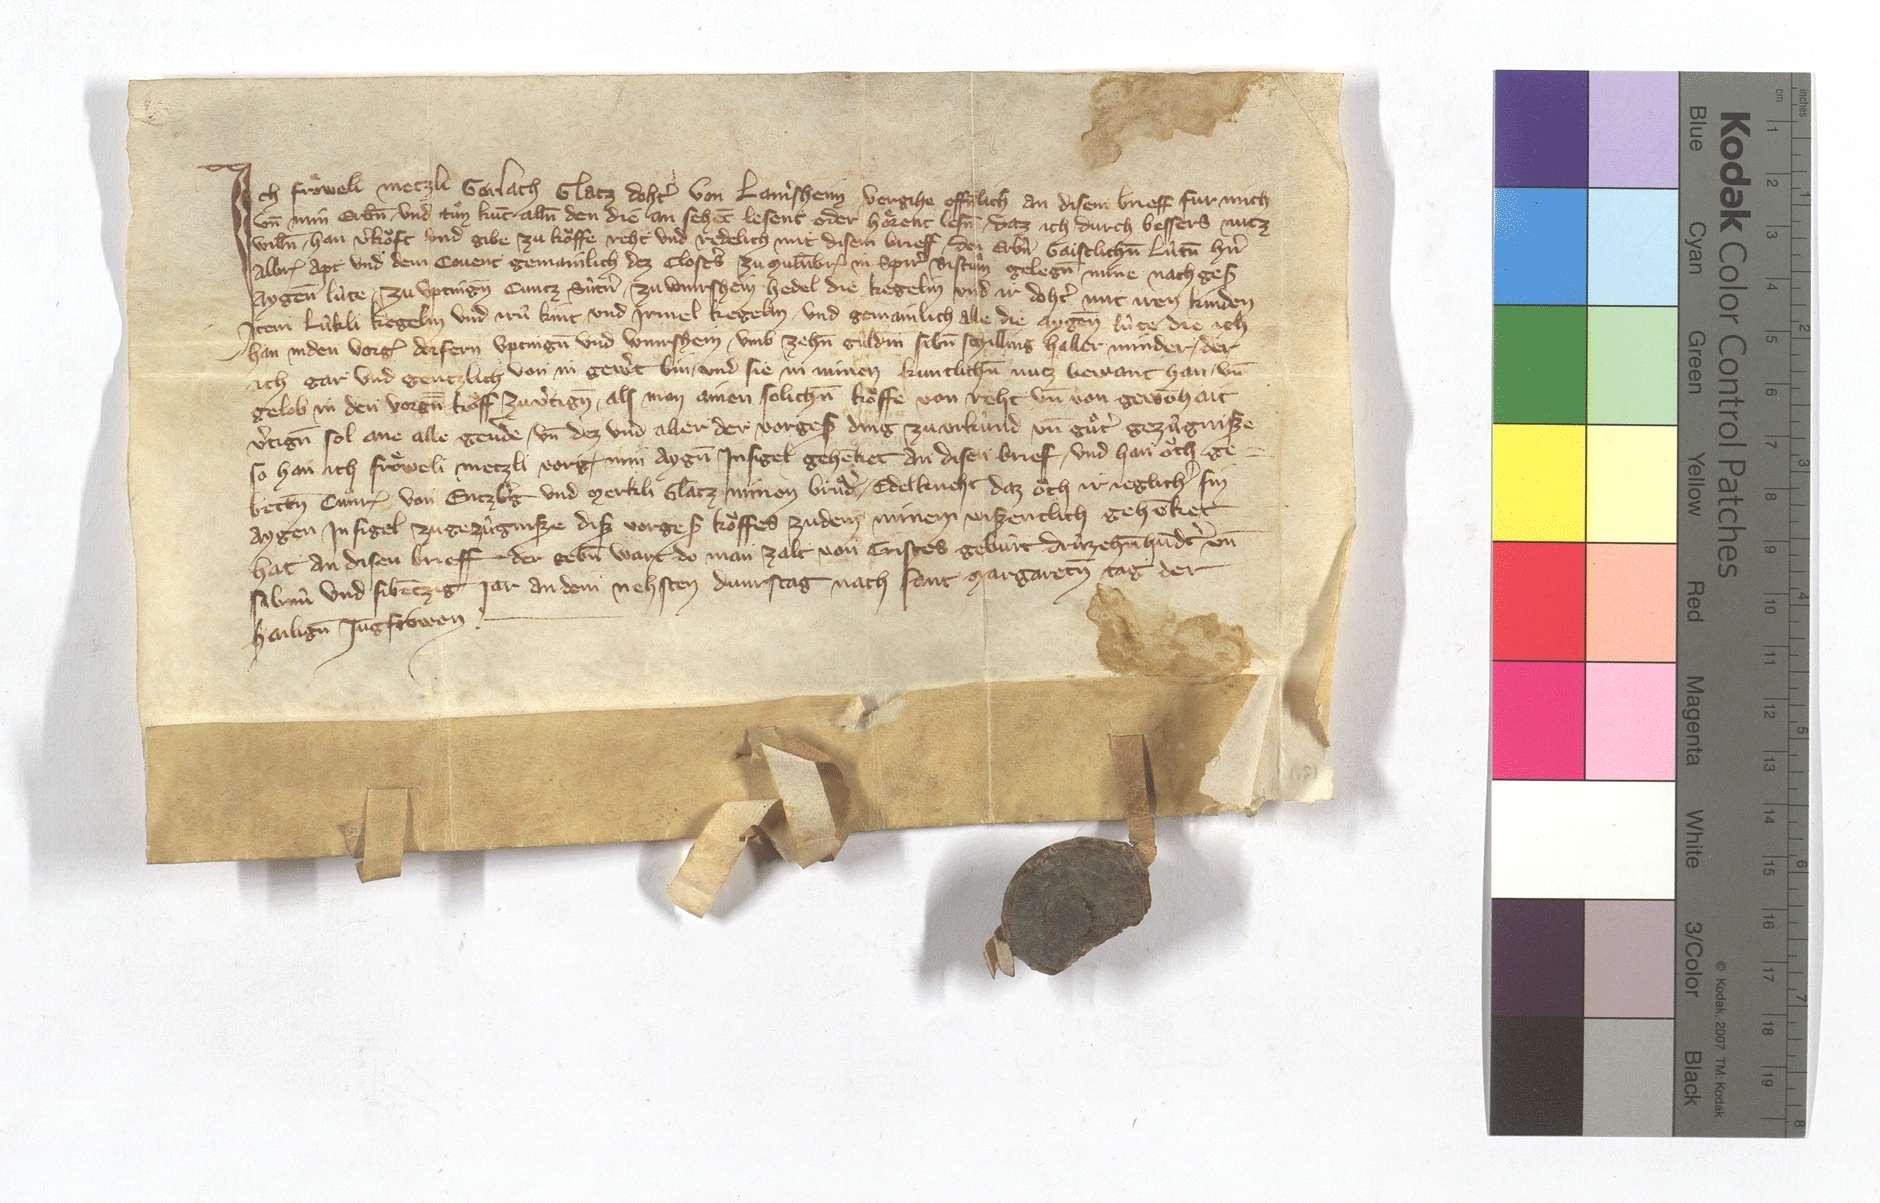 Fertigung der Mezli, Tochter des Gerlach Glatz, um ihre Leibeigenen in Iptingen und Wiernsheim., Text